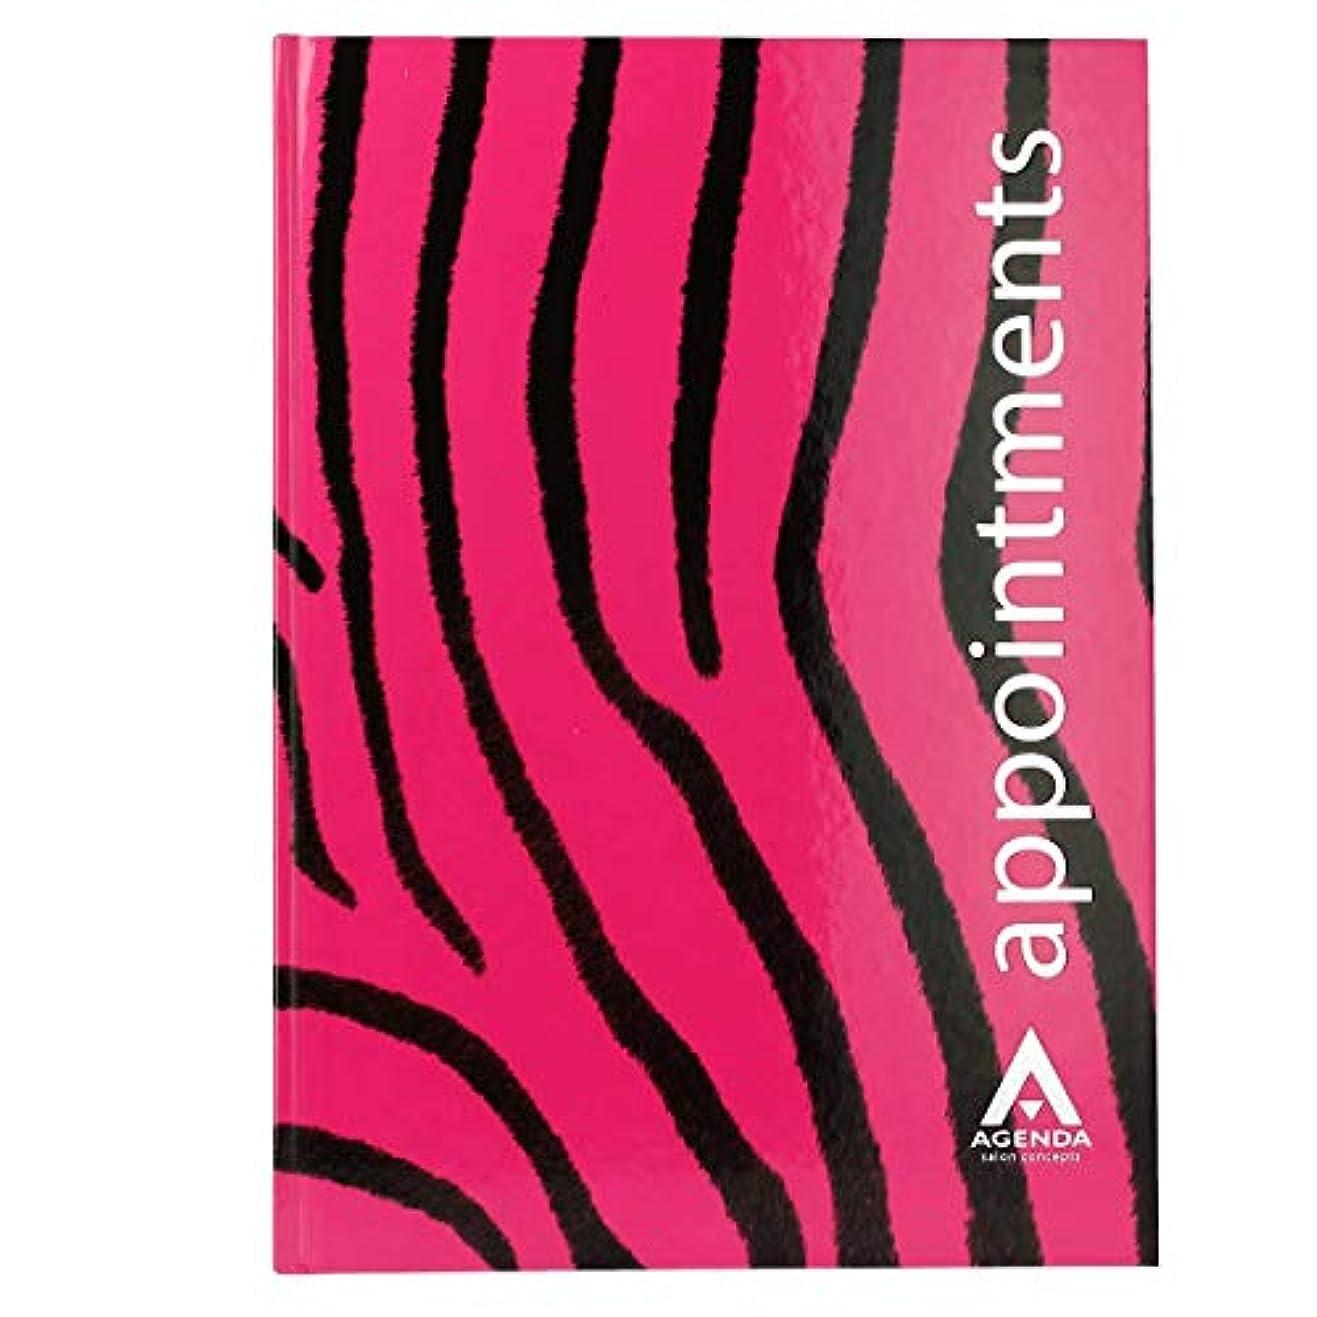 暗い資格報復するアジェンダ サロンコンセプト 美容アポイントメントブック6アシスタントピンクゼブラ[海外直送品] [並行輸入品]